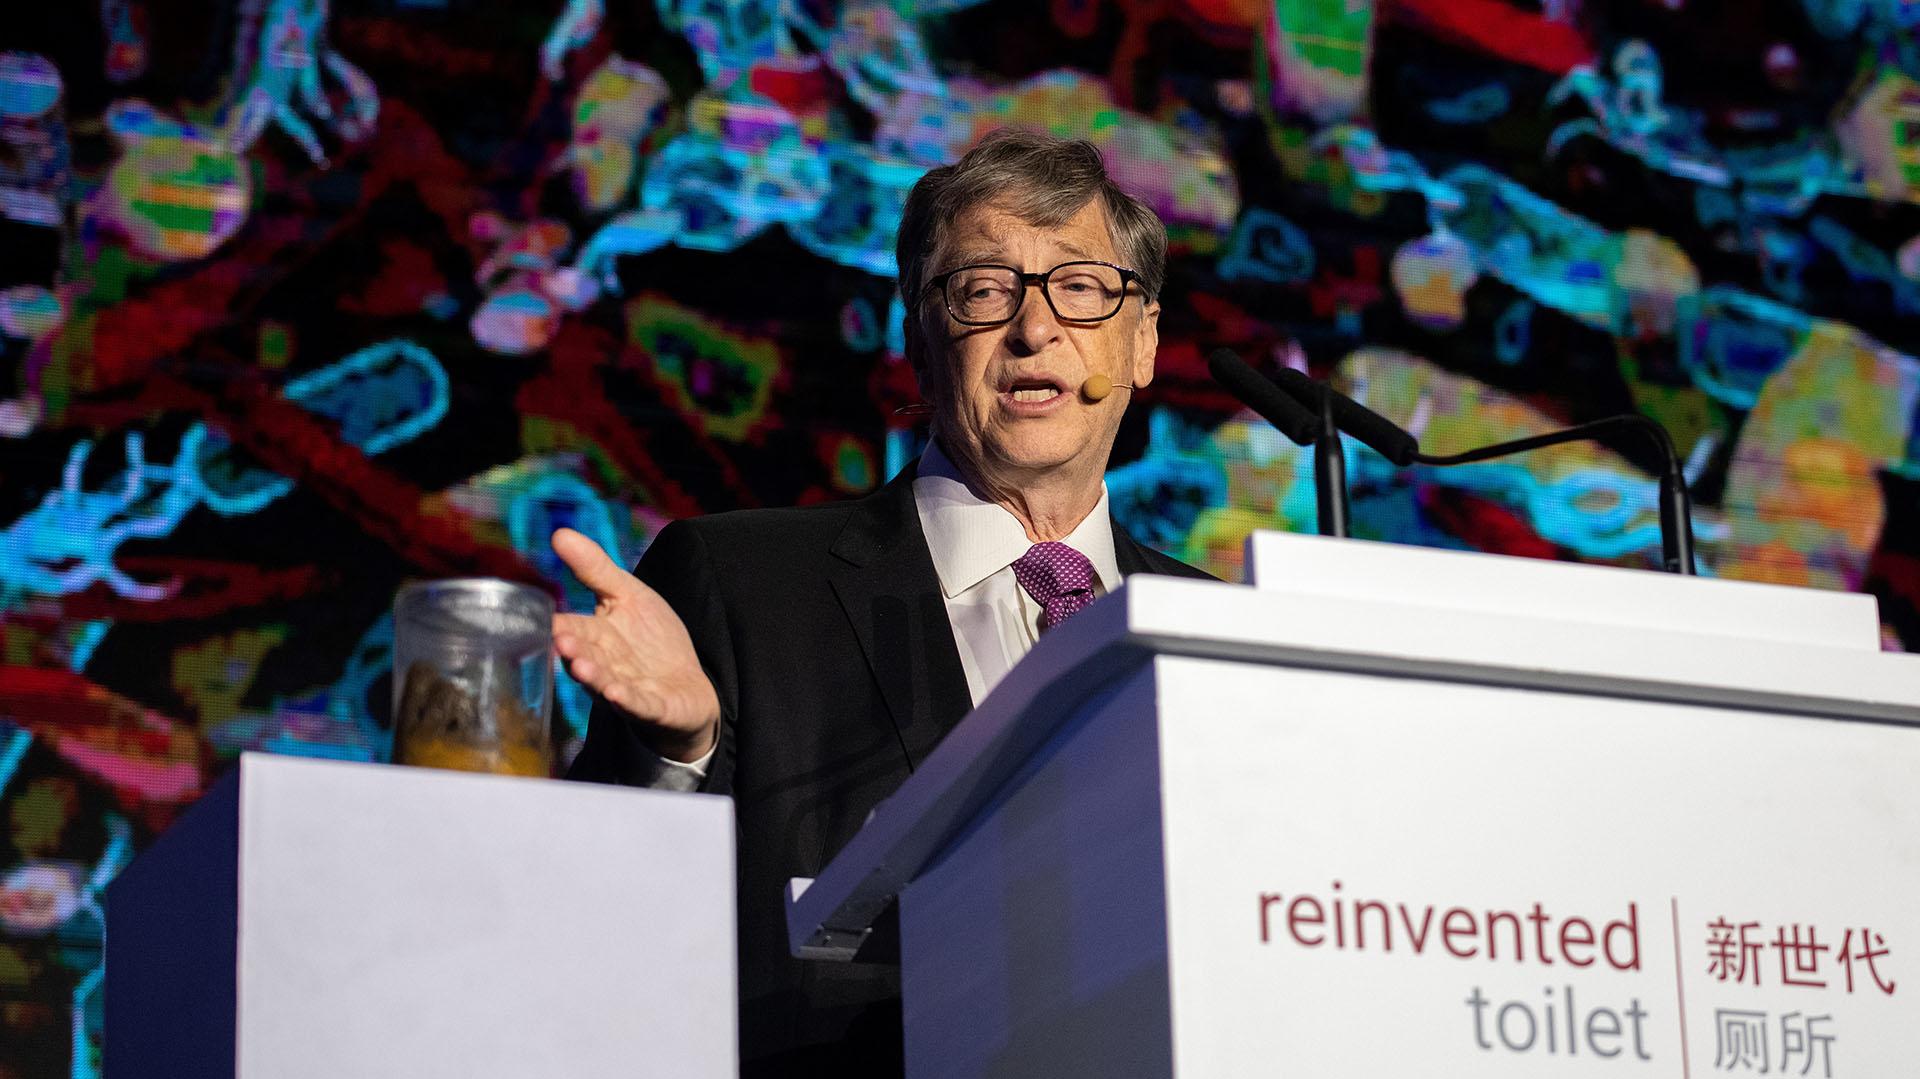 """Bill Gatesdio su conferencia en la feria """"Inodoro Reiventado"""", en Beijing, junto a un frascocon heces humanas.(Nicolas ASFOURI / AFP)"""